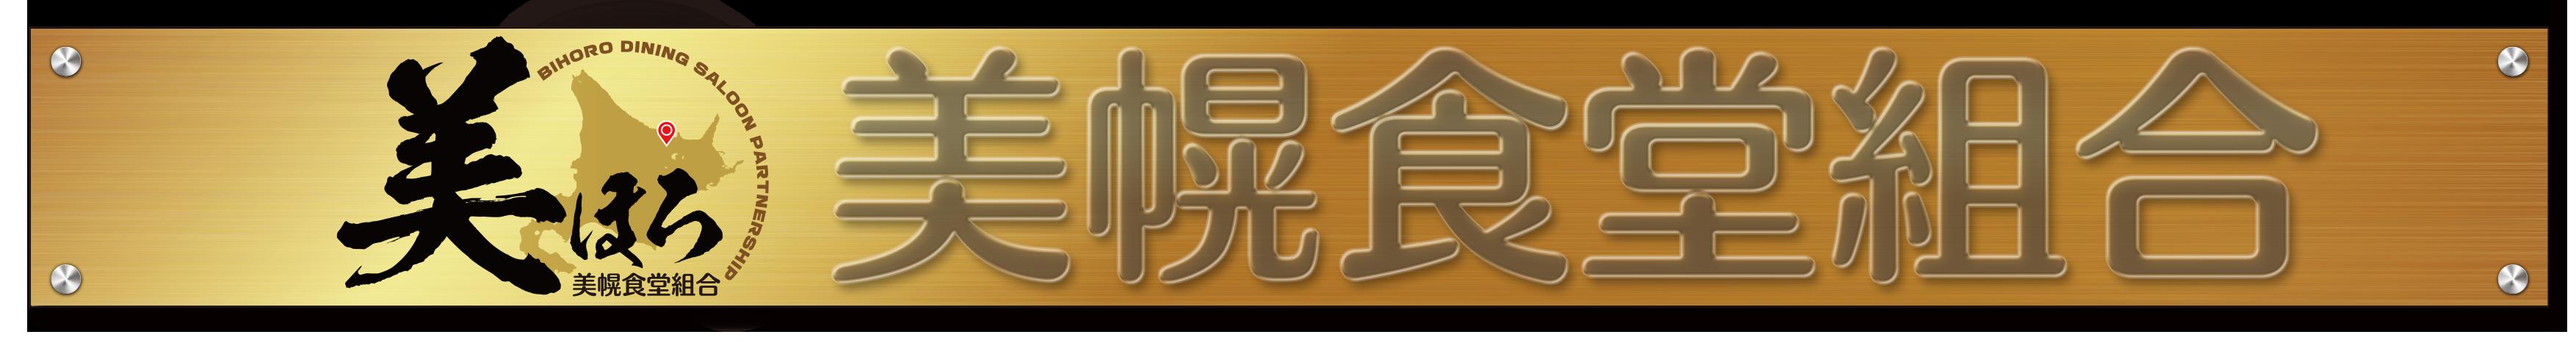 美幌食堂組合